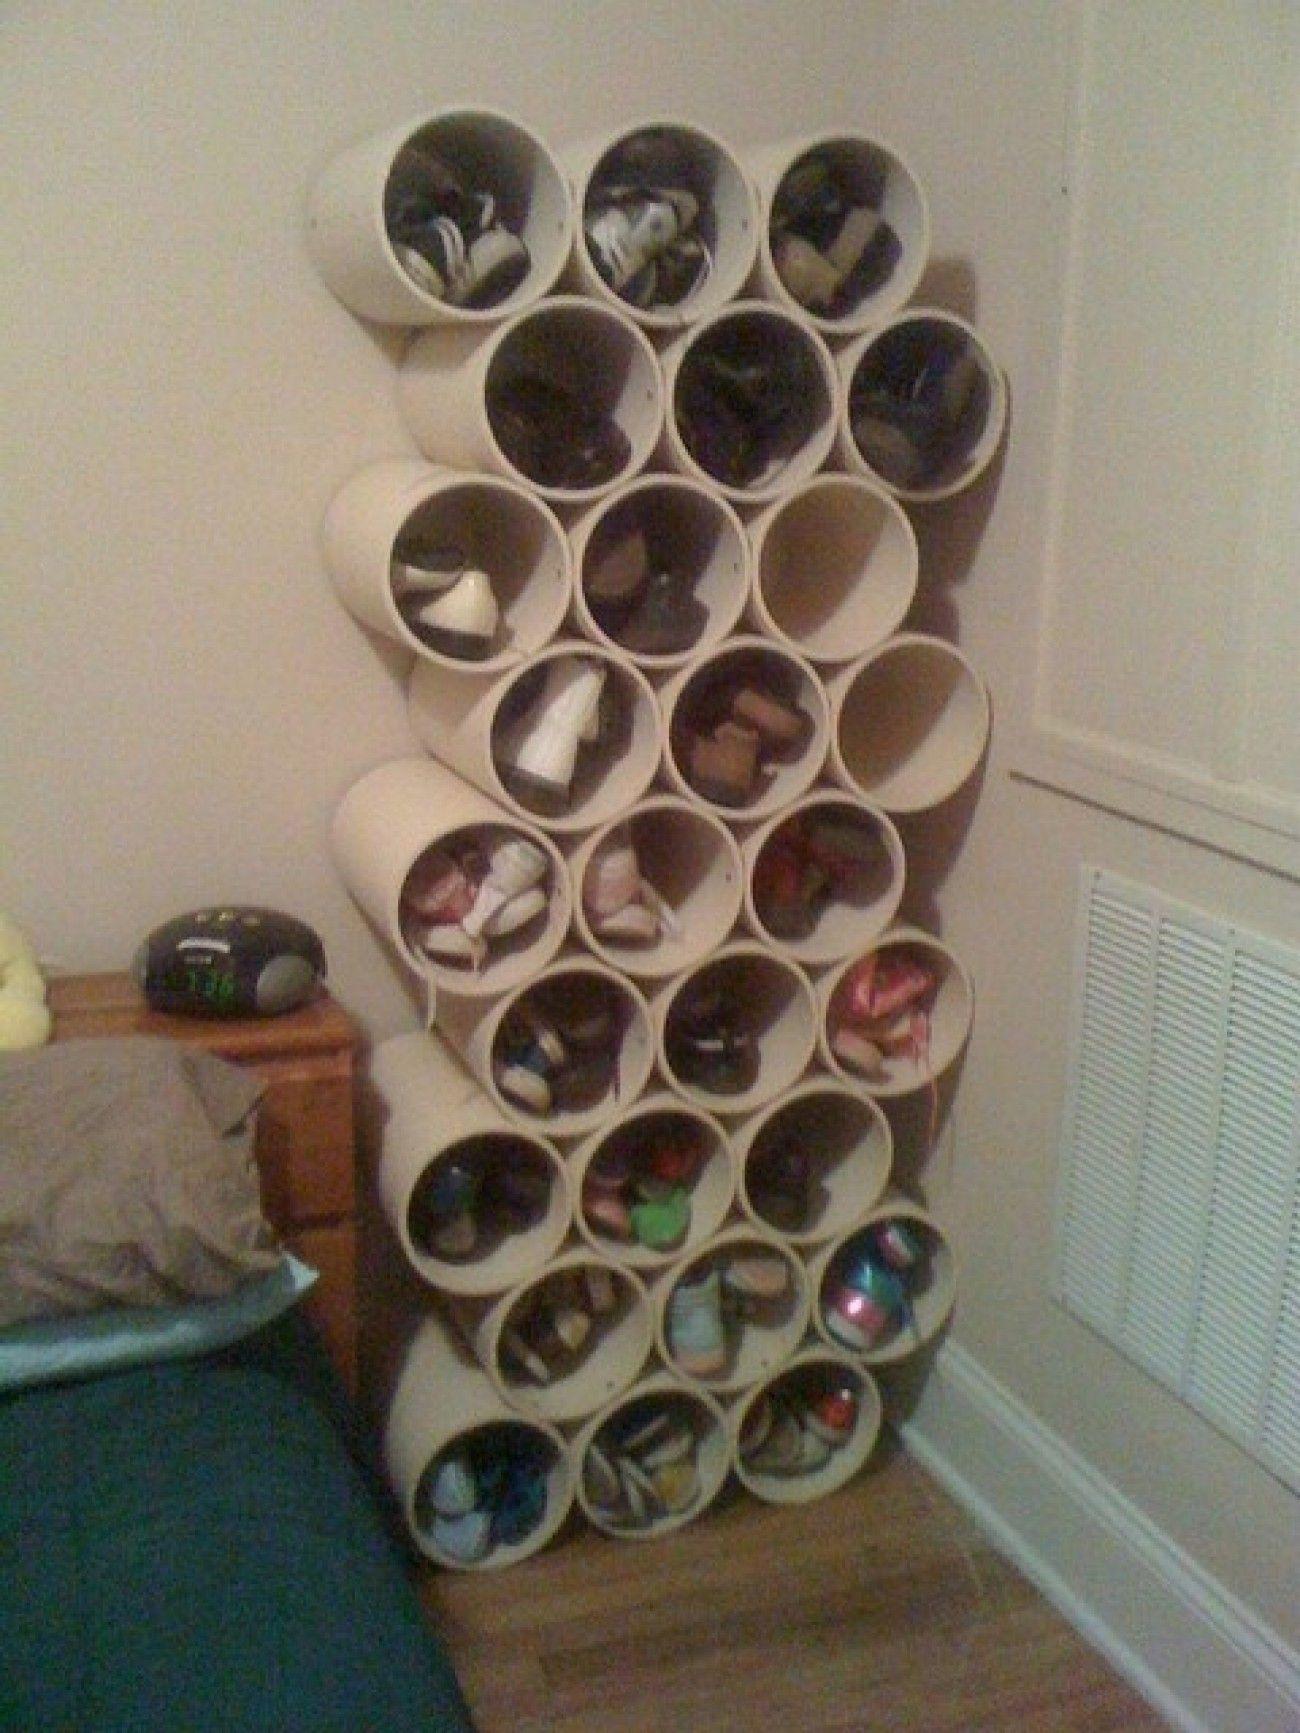 Schuhregal Selber Machen. Wow So Eine Super Idee!